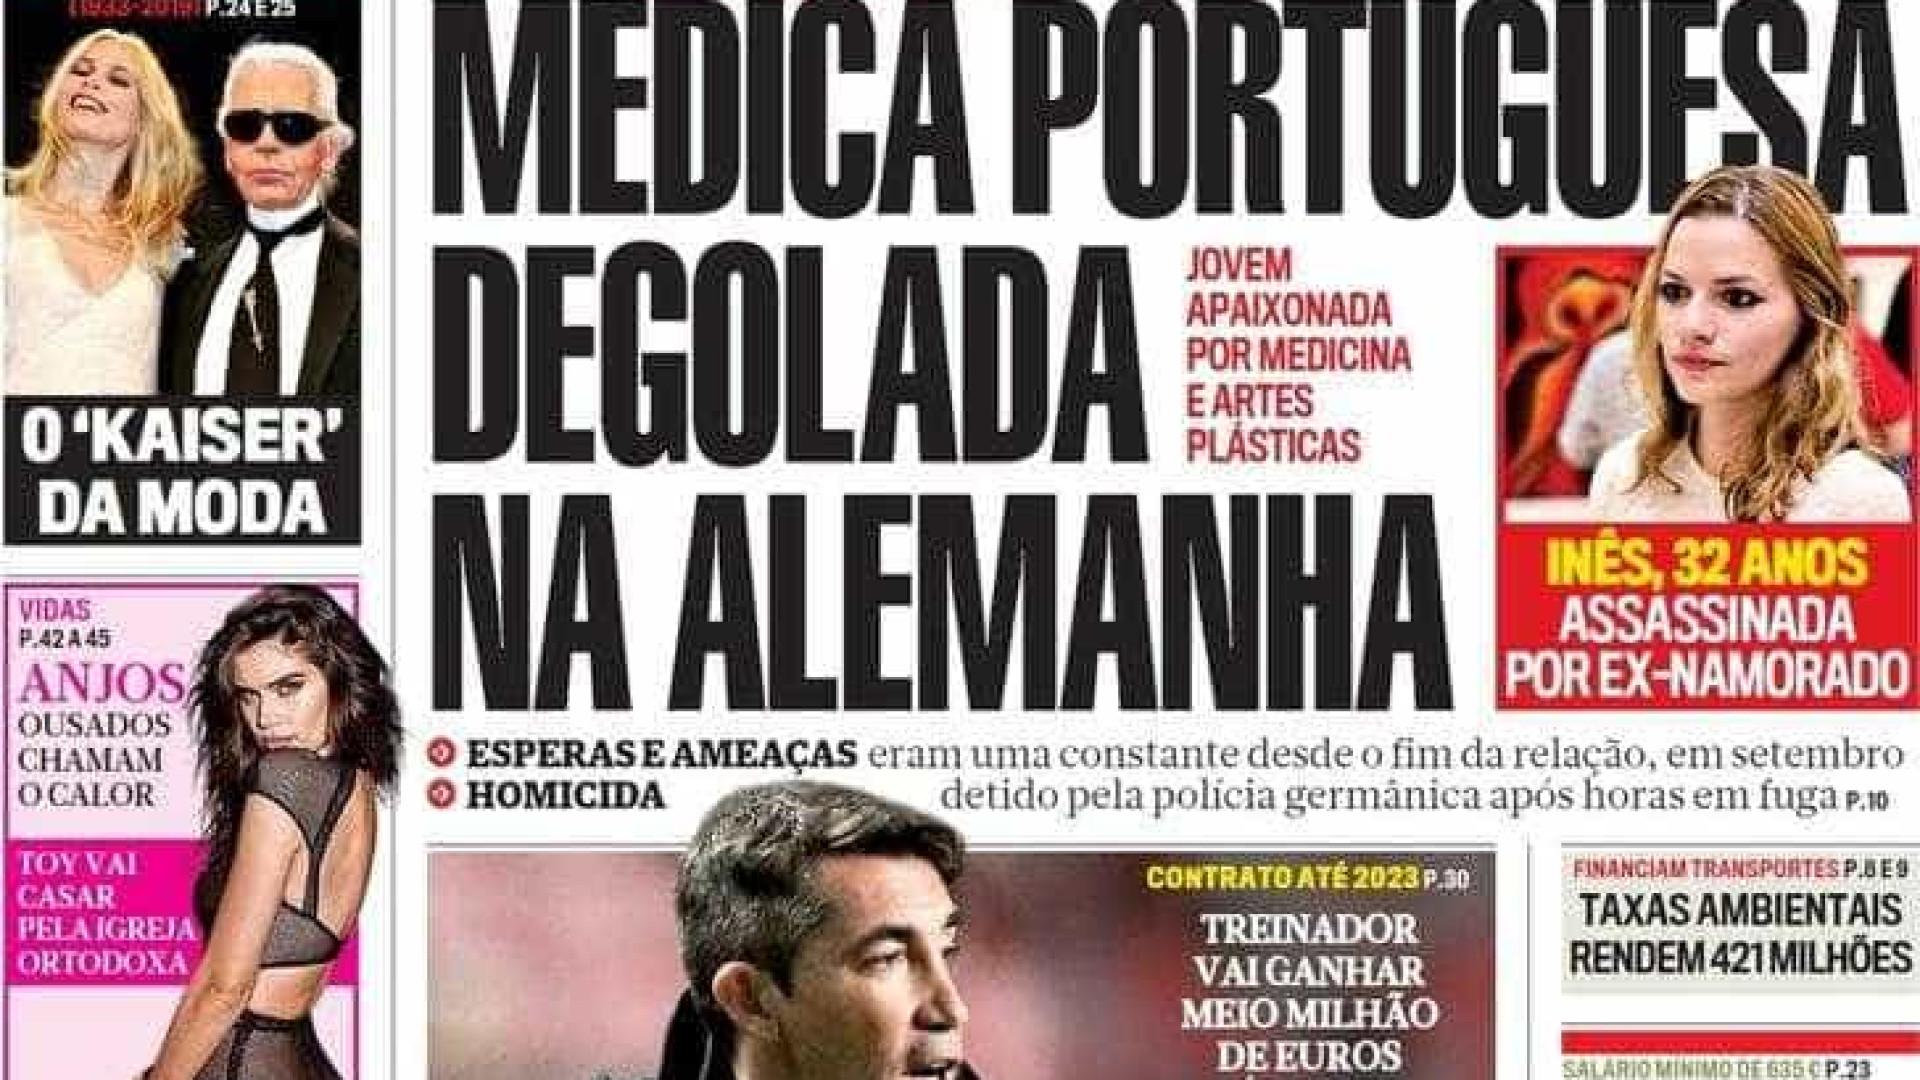 Hoje é notícia: Portuguesa degolada lá fora; Juiz dá doente como curada